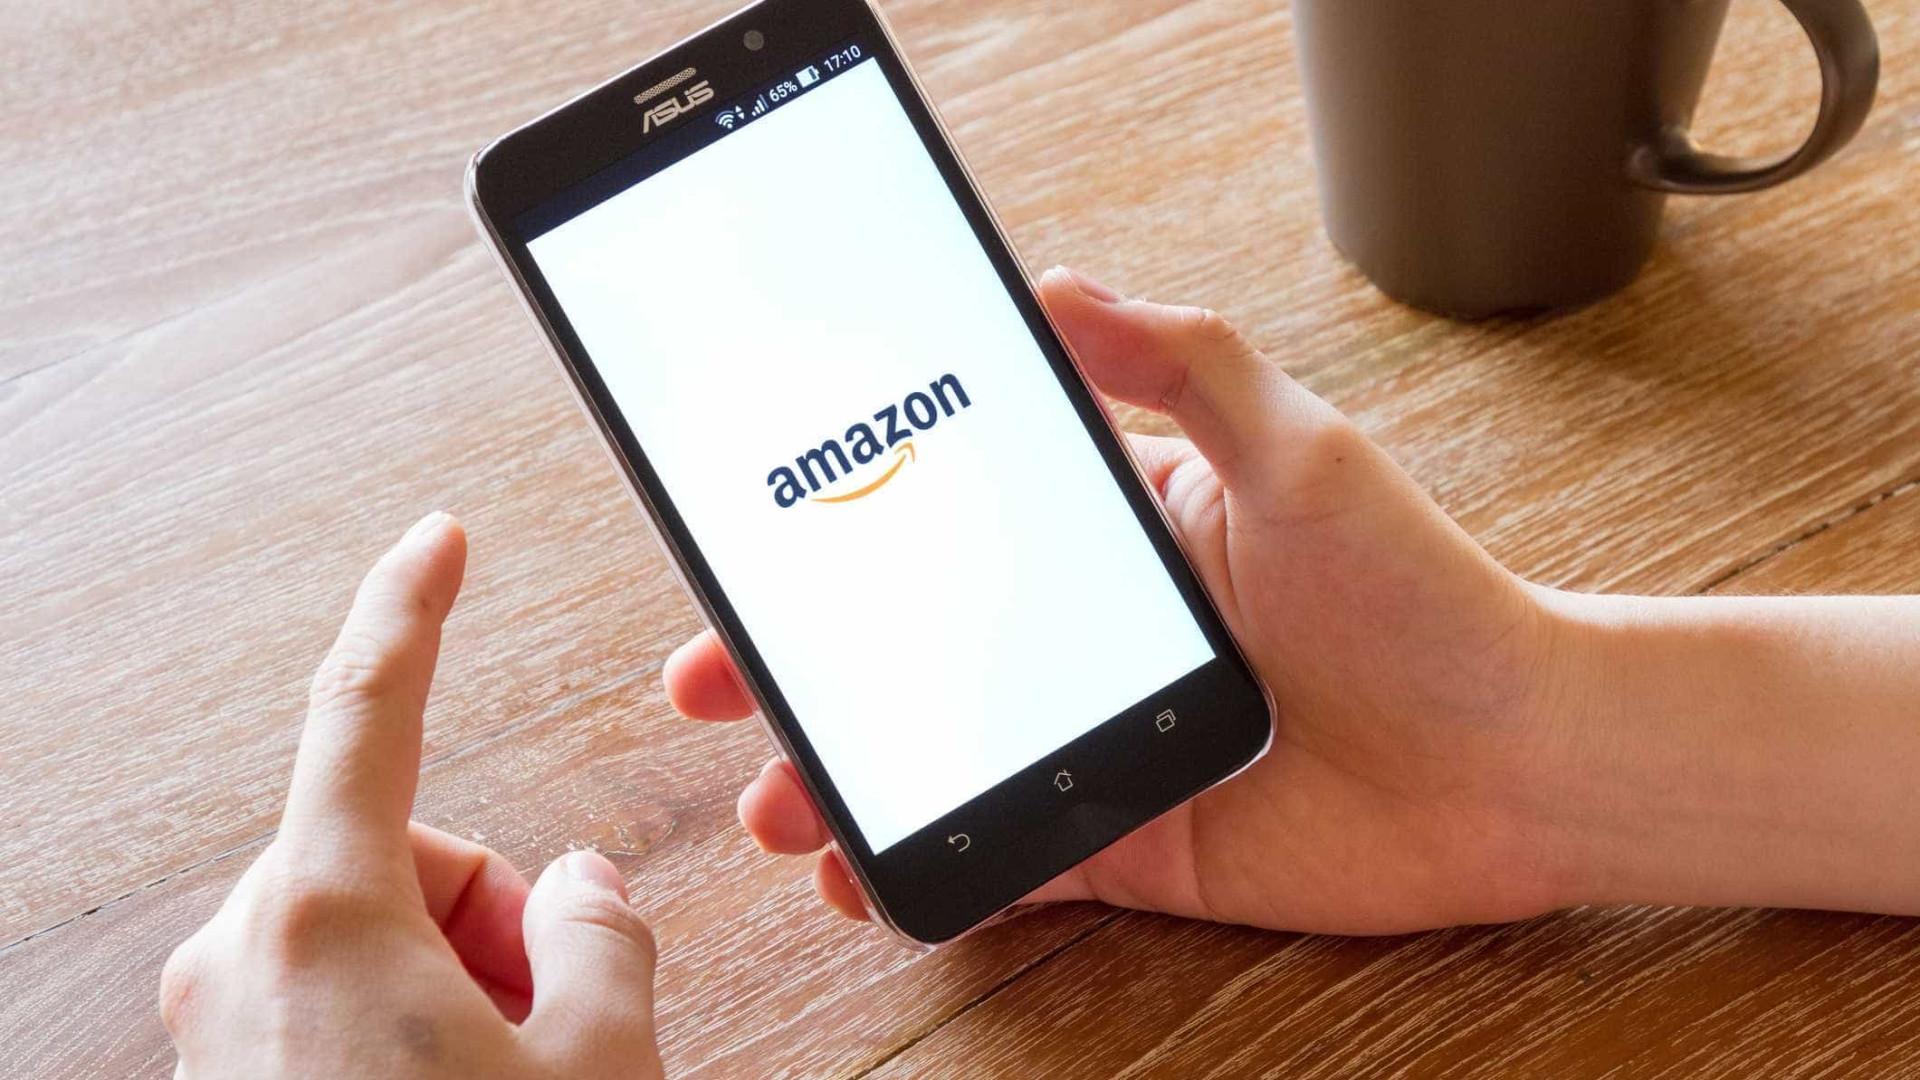 Luxemburgo concedeu benefícios fiscais ilegais de 250 milhões de euros à Amazon